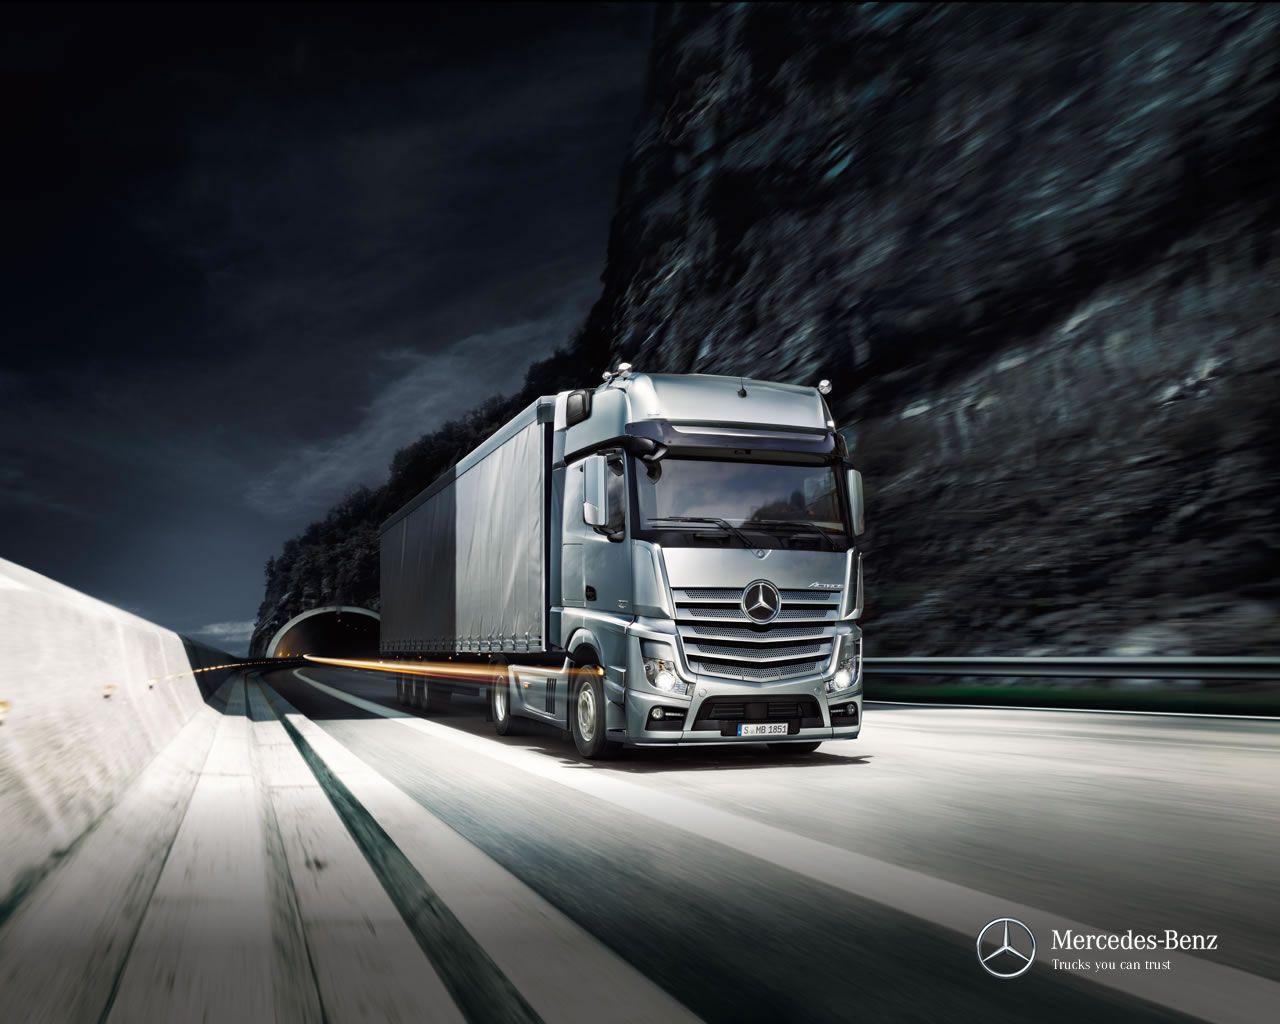 Actros Mercedes Truck Trucks Mercedes Benz Trucks Absolutely stunning truck wallpapers